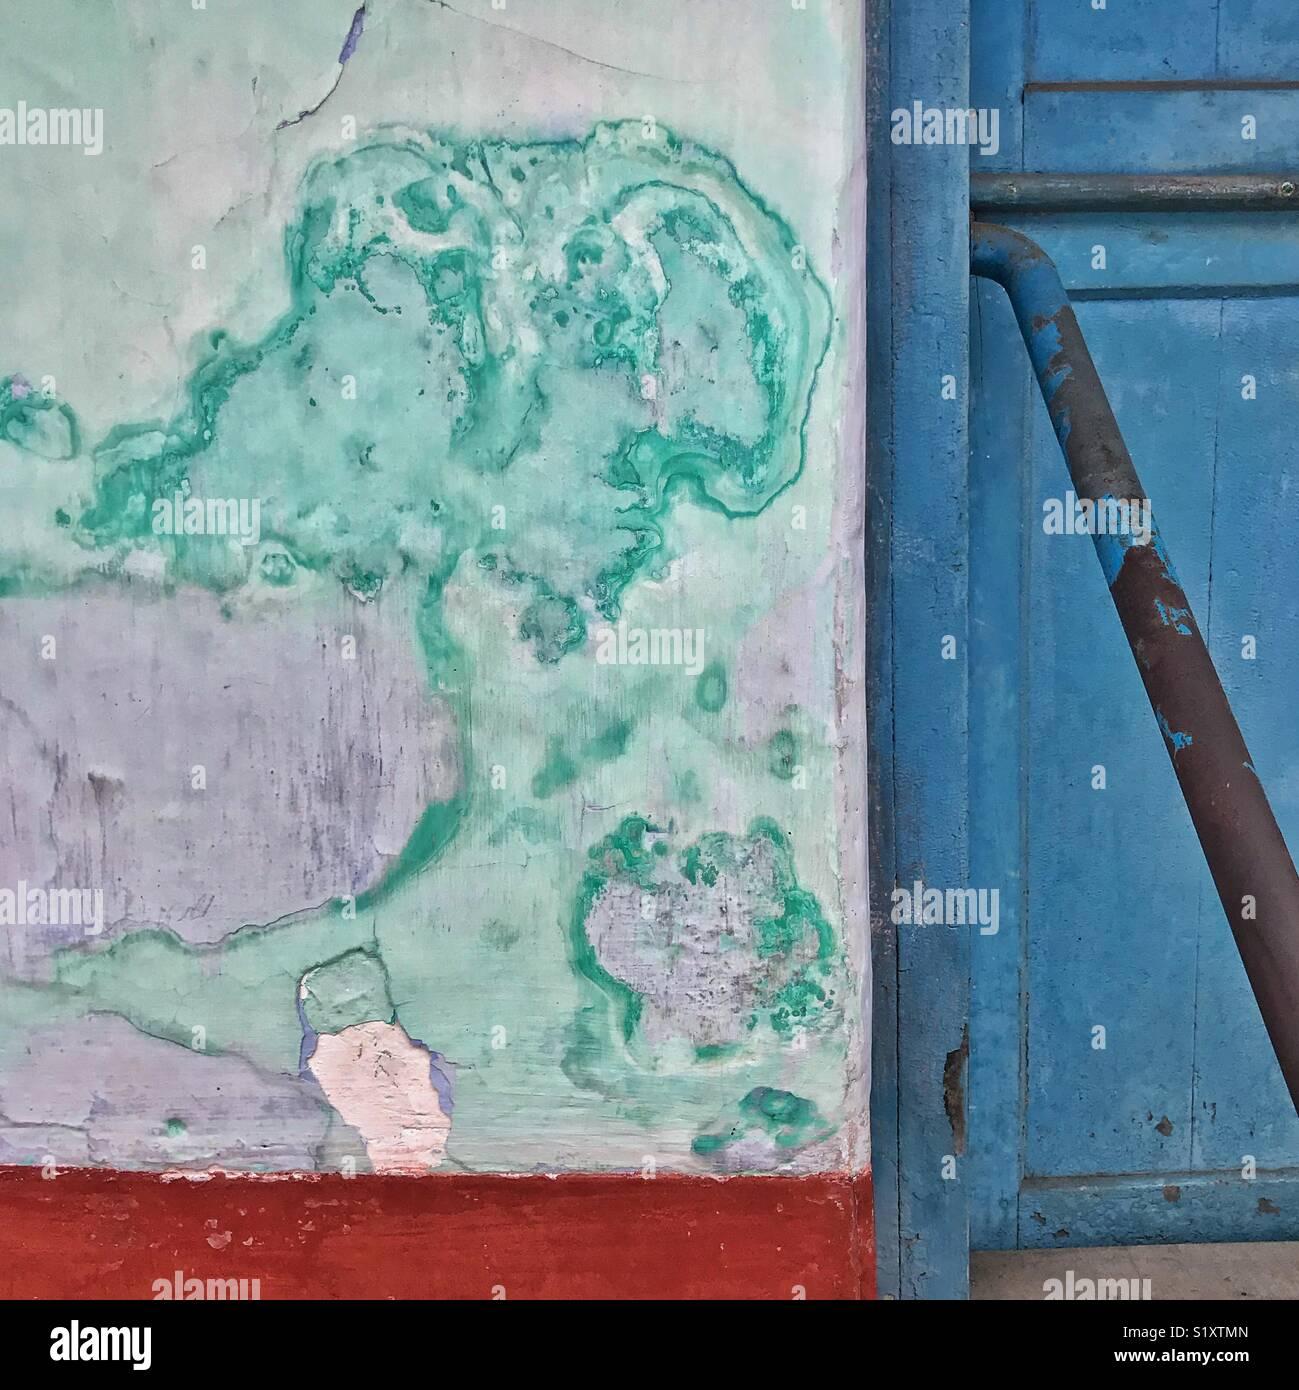 Peinture inégale et la dégradation de la peinture sur un mur dans l'Inde Photo Stock